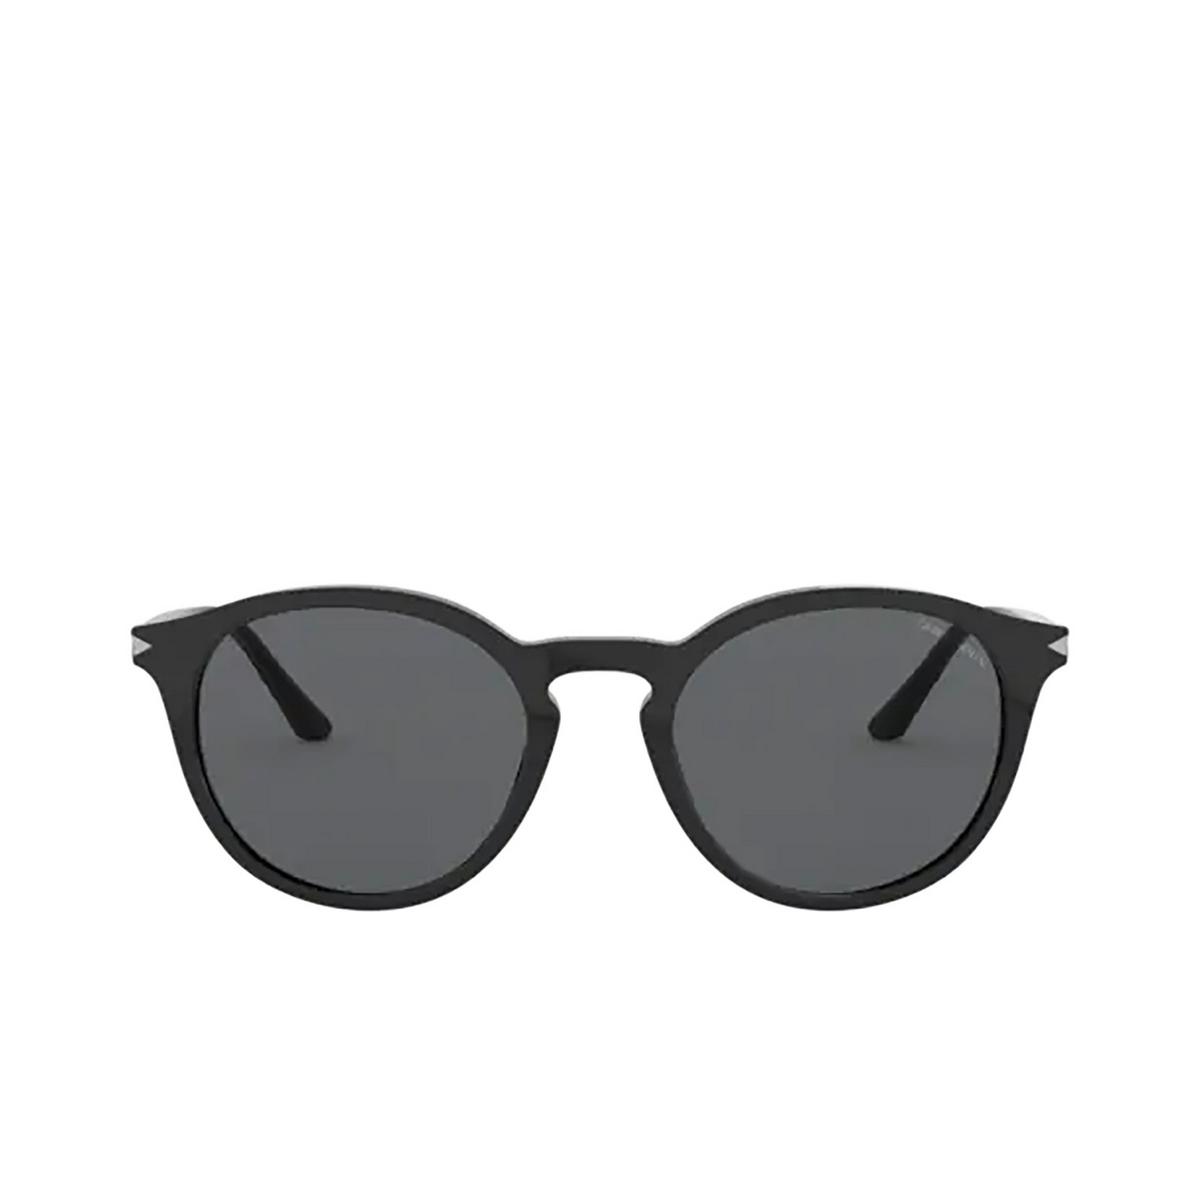 Giorgio Armani® Round Sunglasses: AR8122 color Black 500187 - front view.